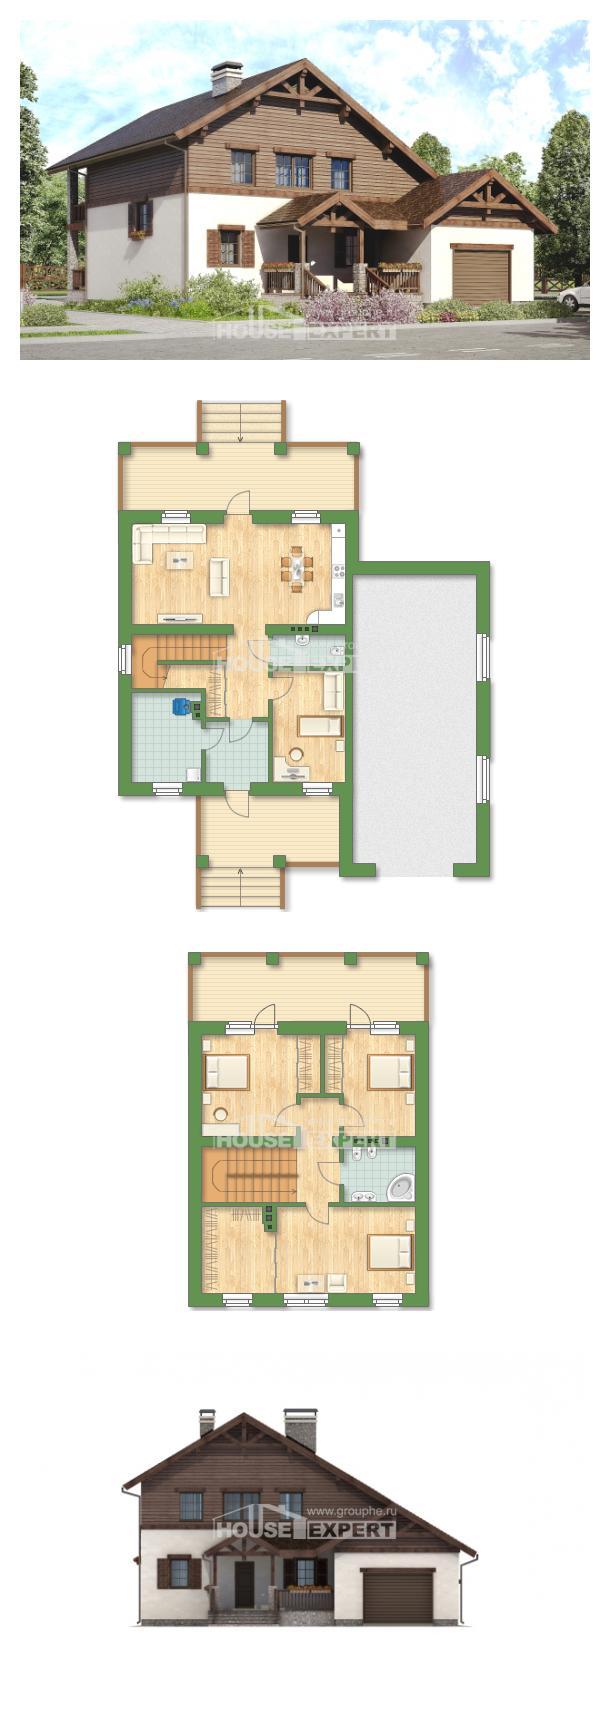 Proyecto de casa 200-003-R | House Expert